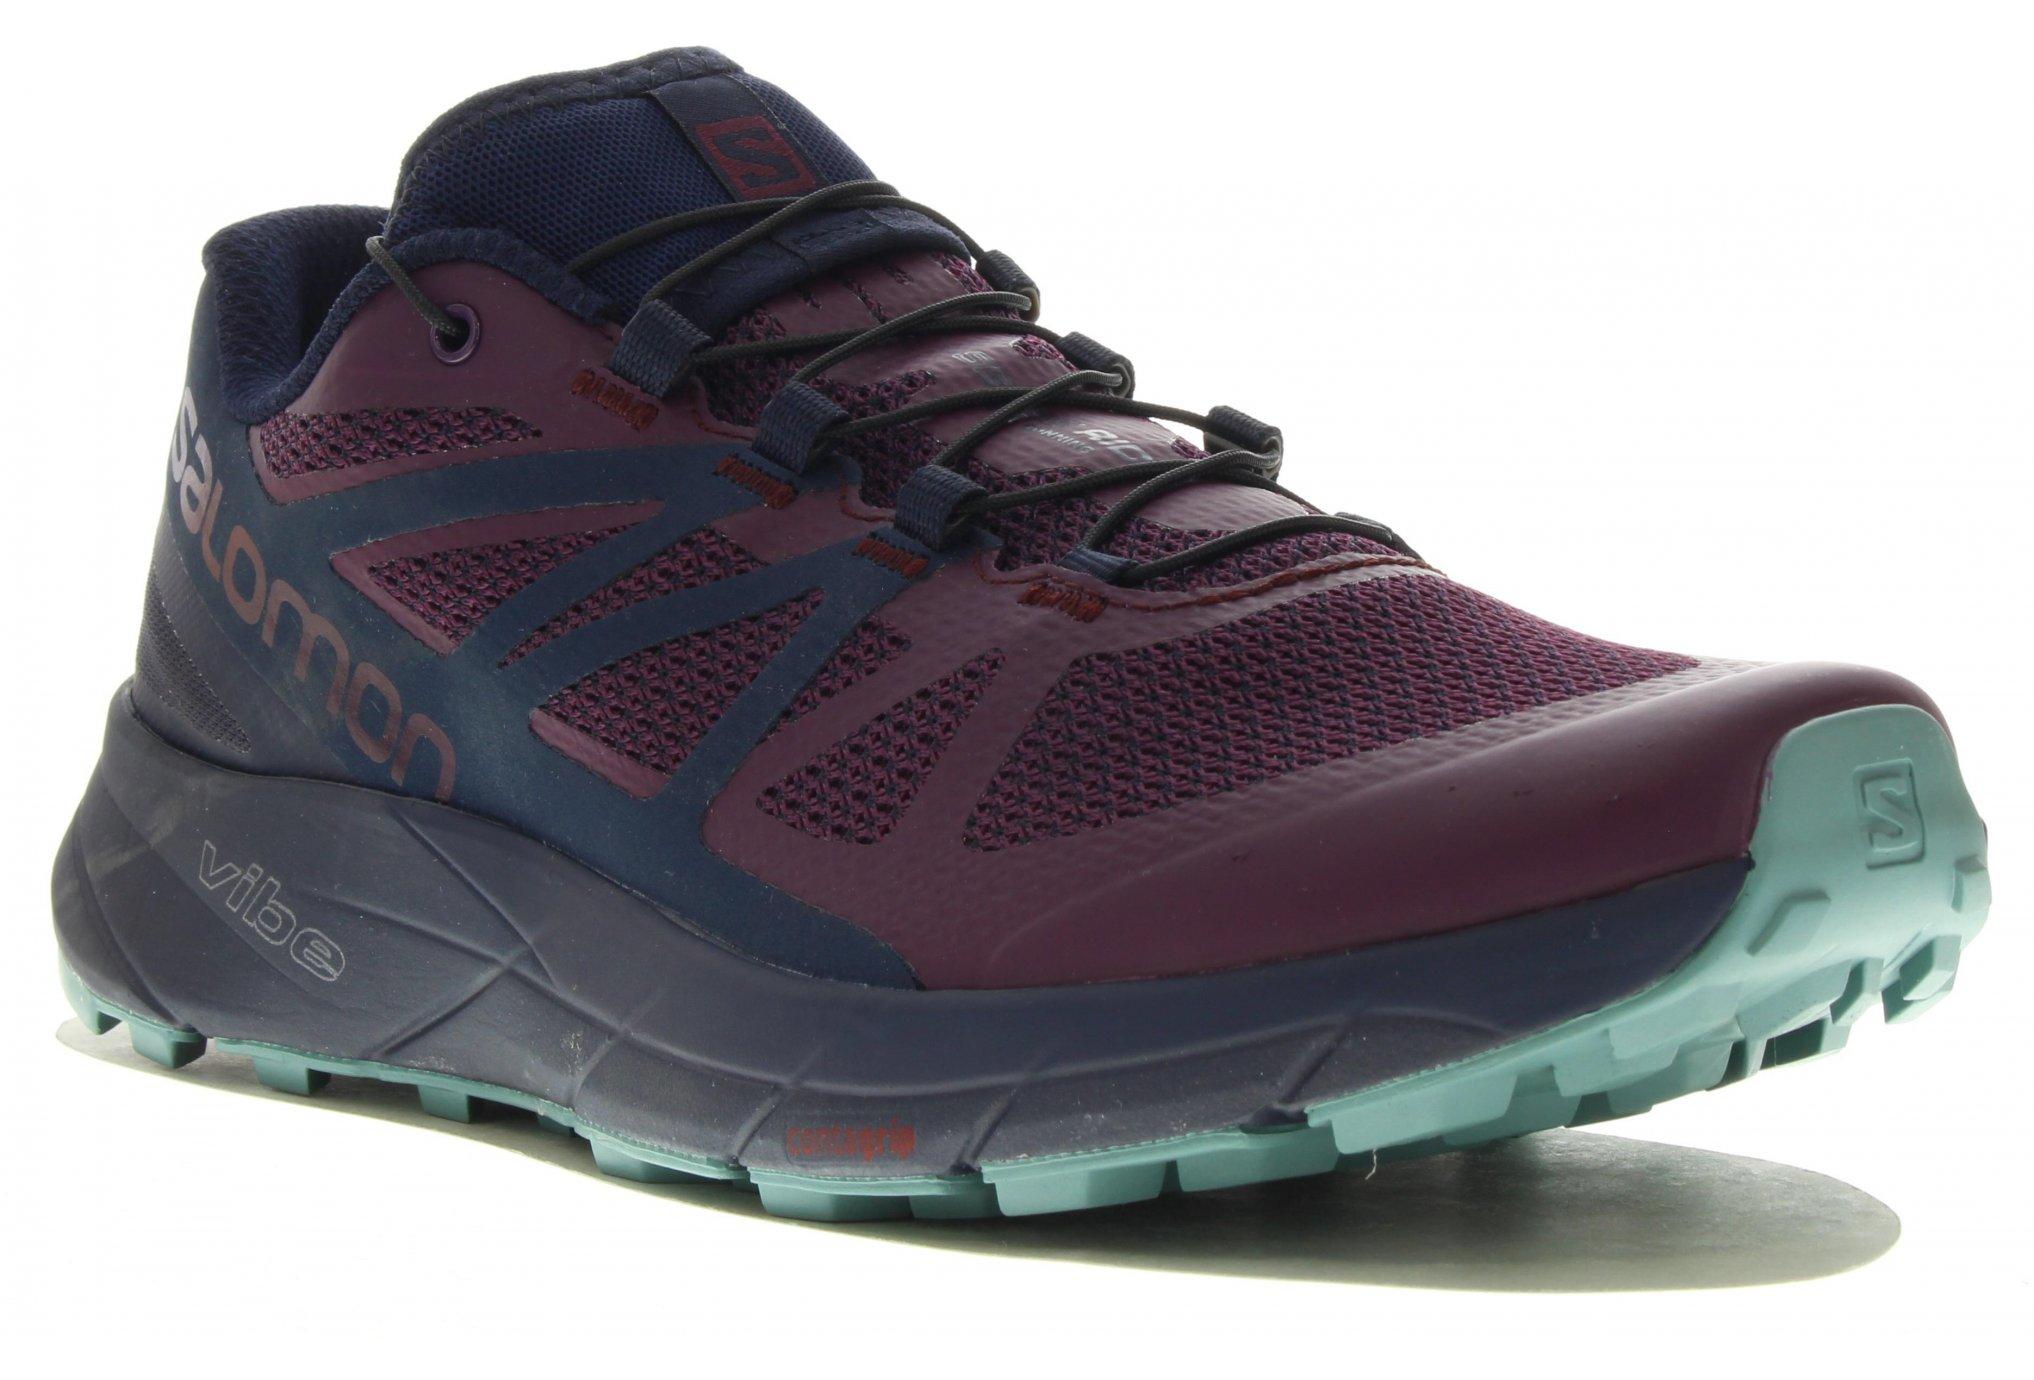 Salomon Sense Ride W Chaussures running femme